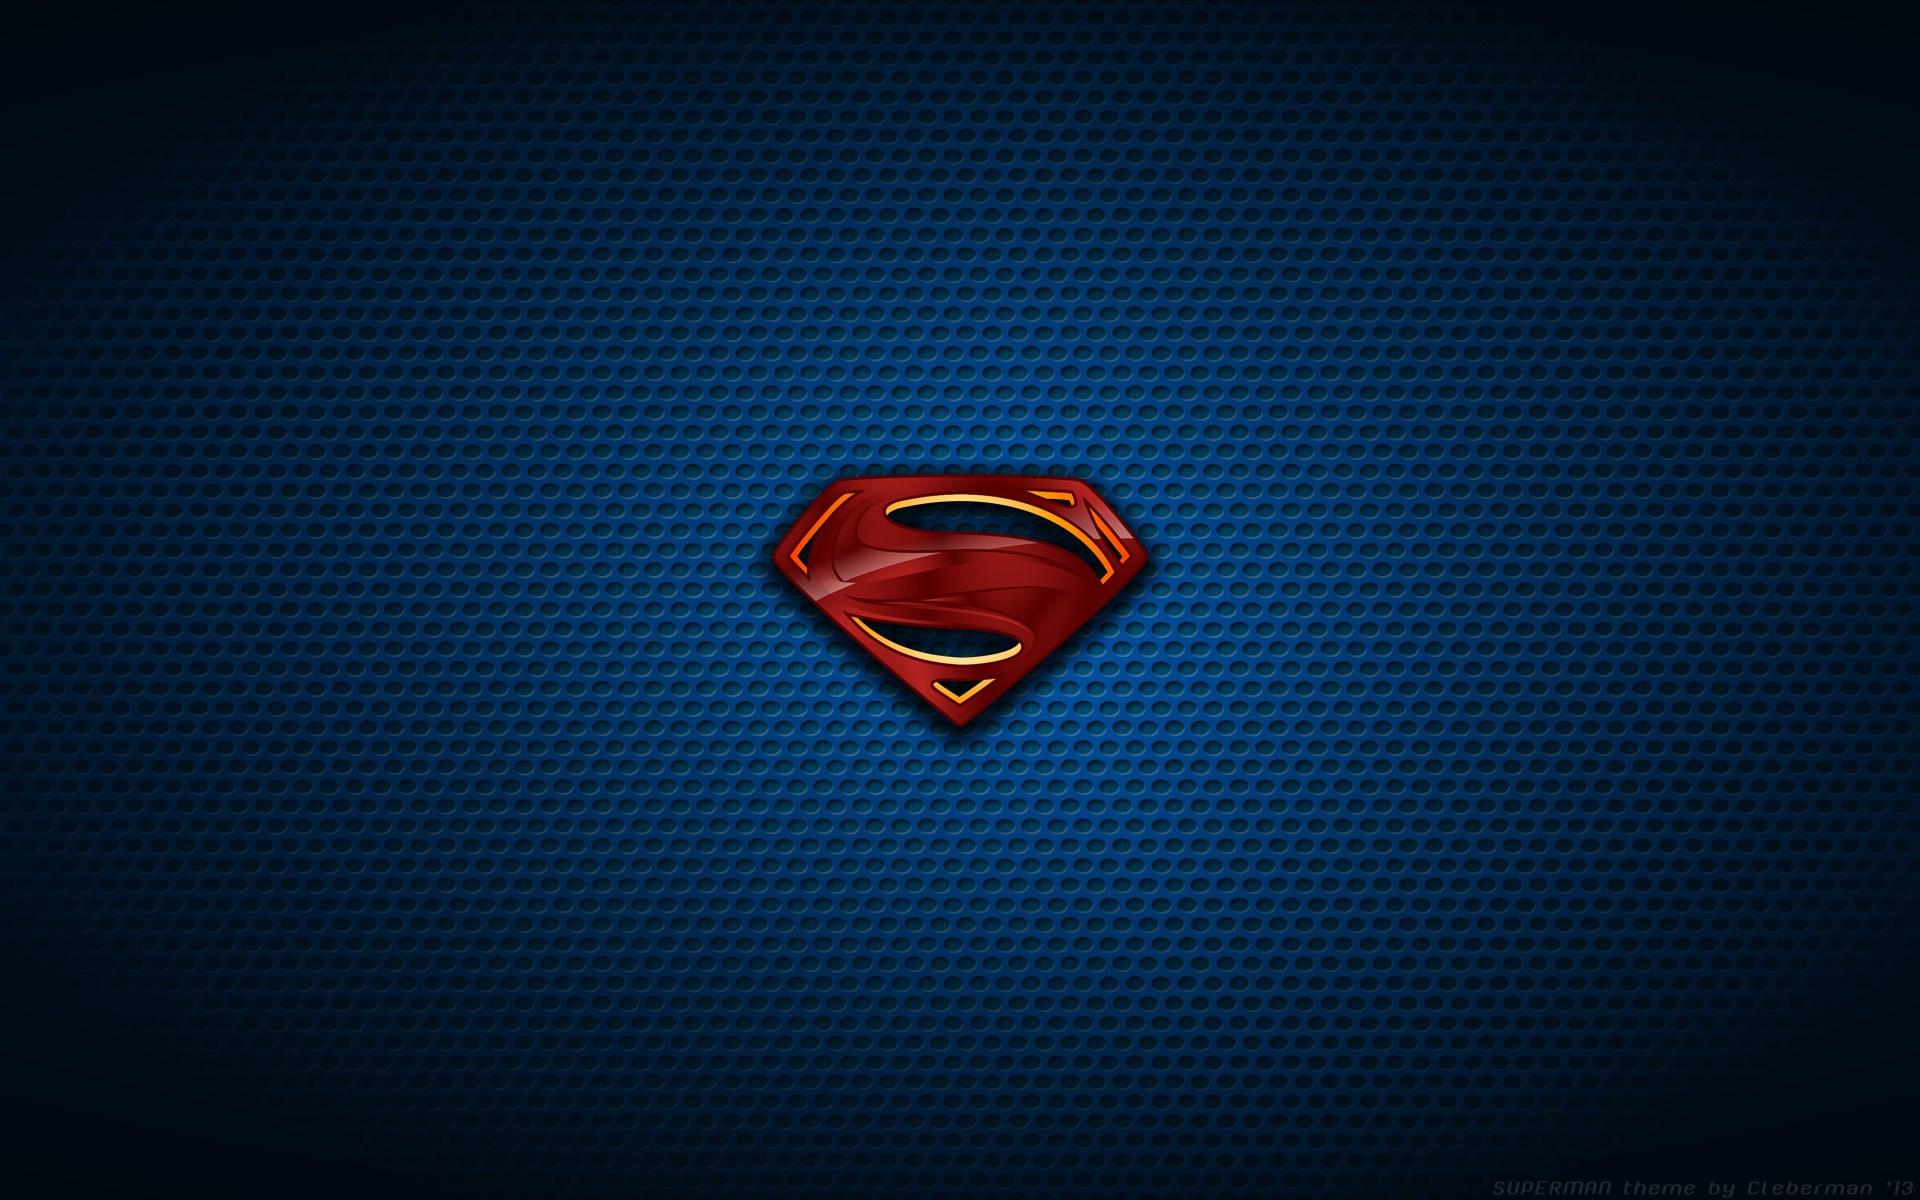 Superman HD Wallpapers 1080p - WallpaperSafari